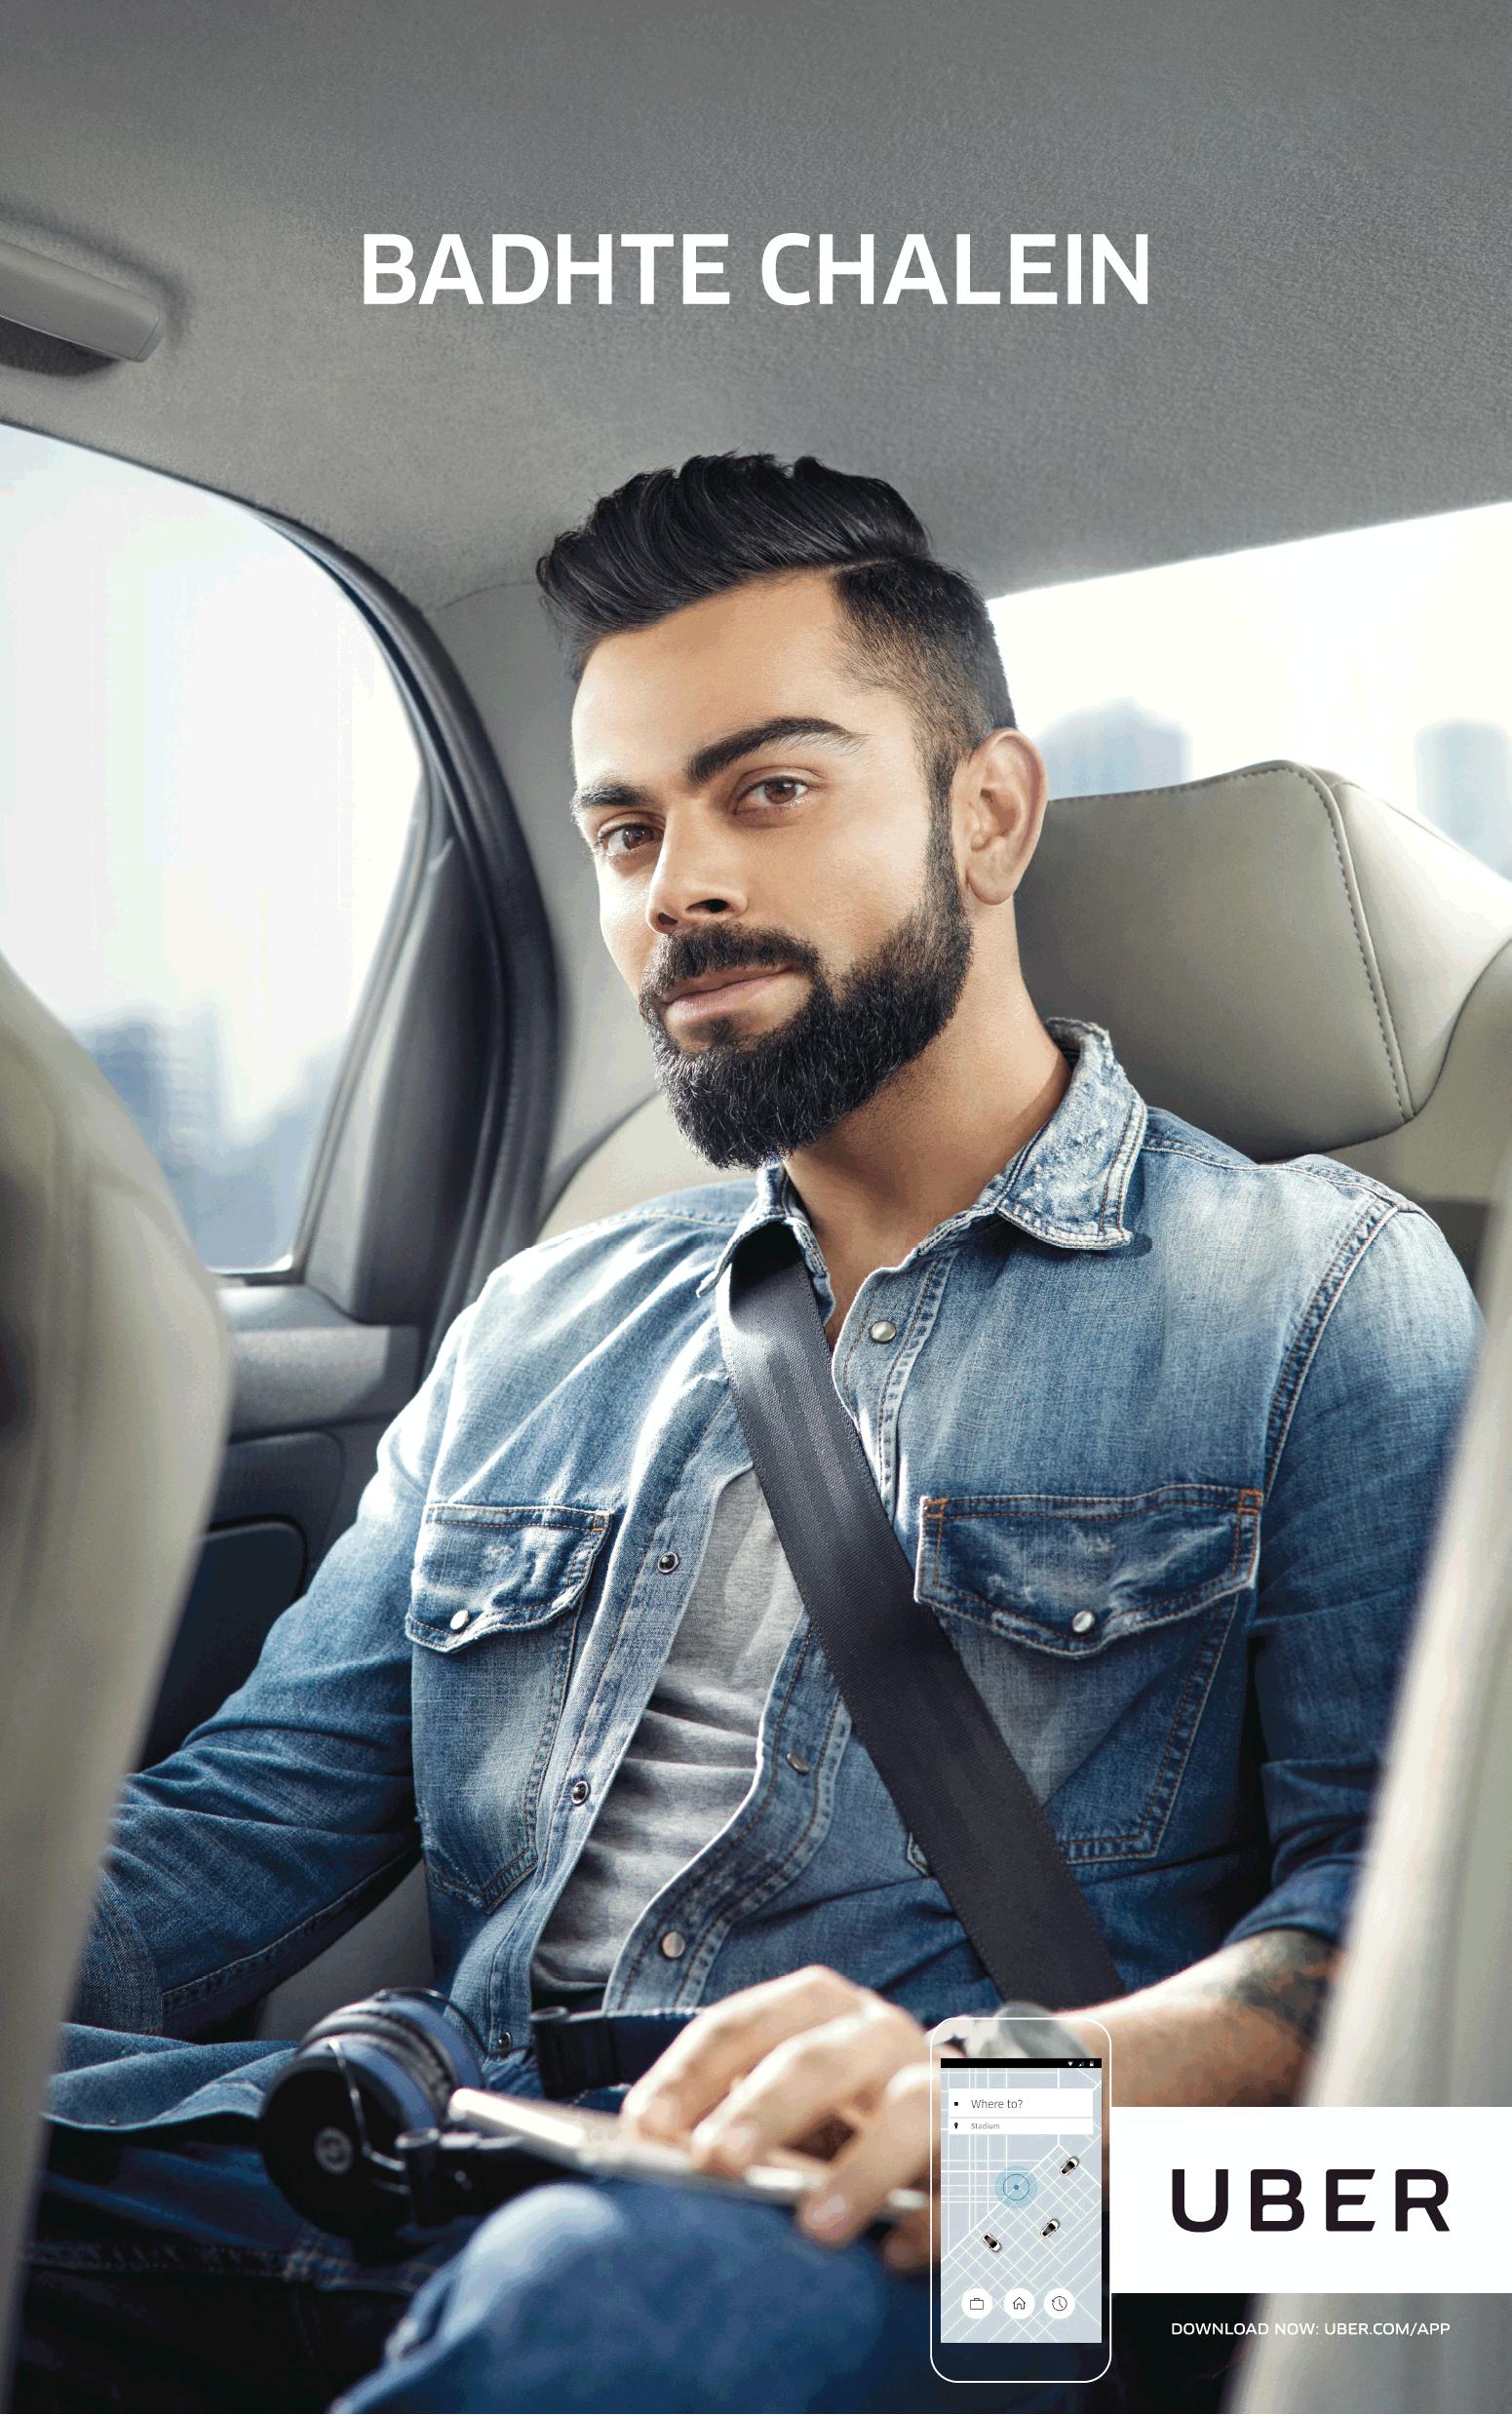 Uber - Virat Kohli (1)